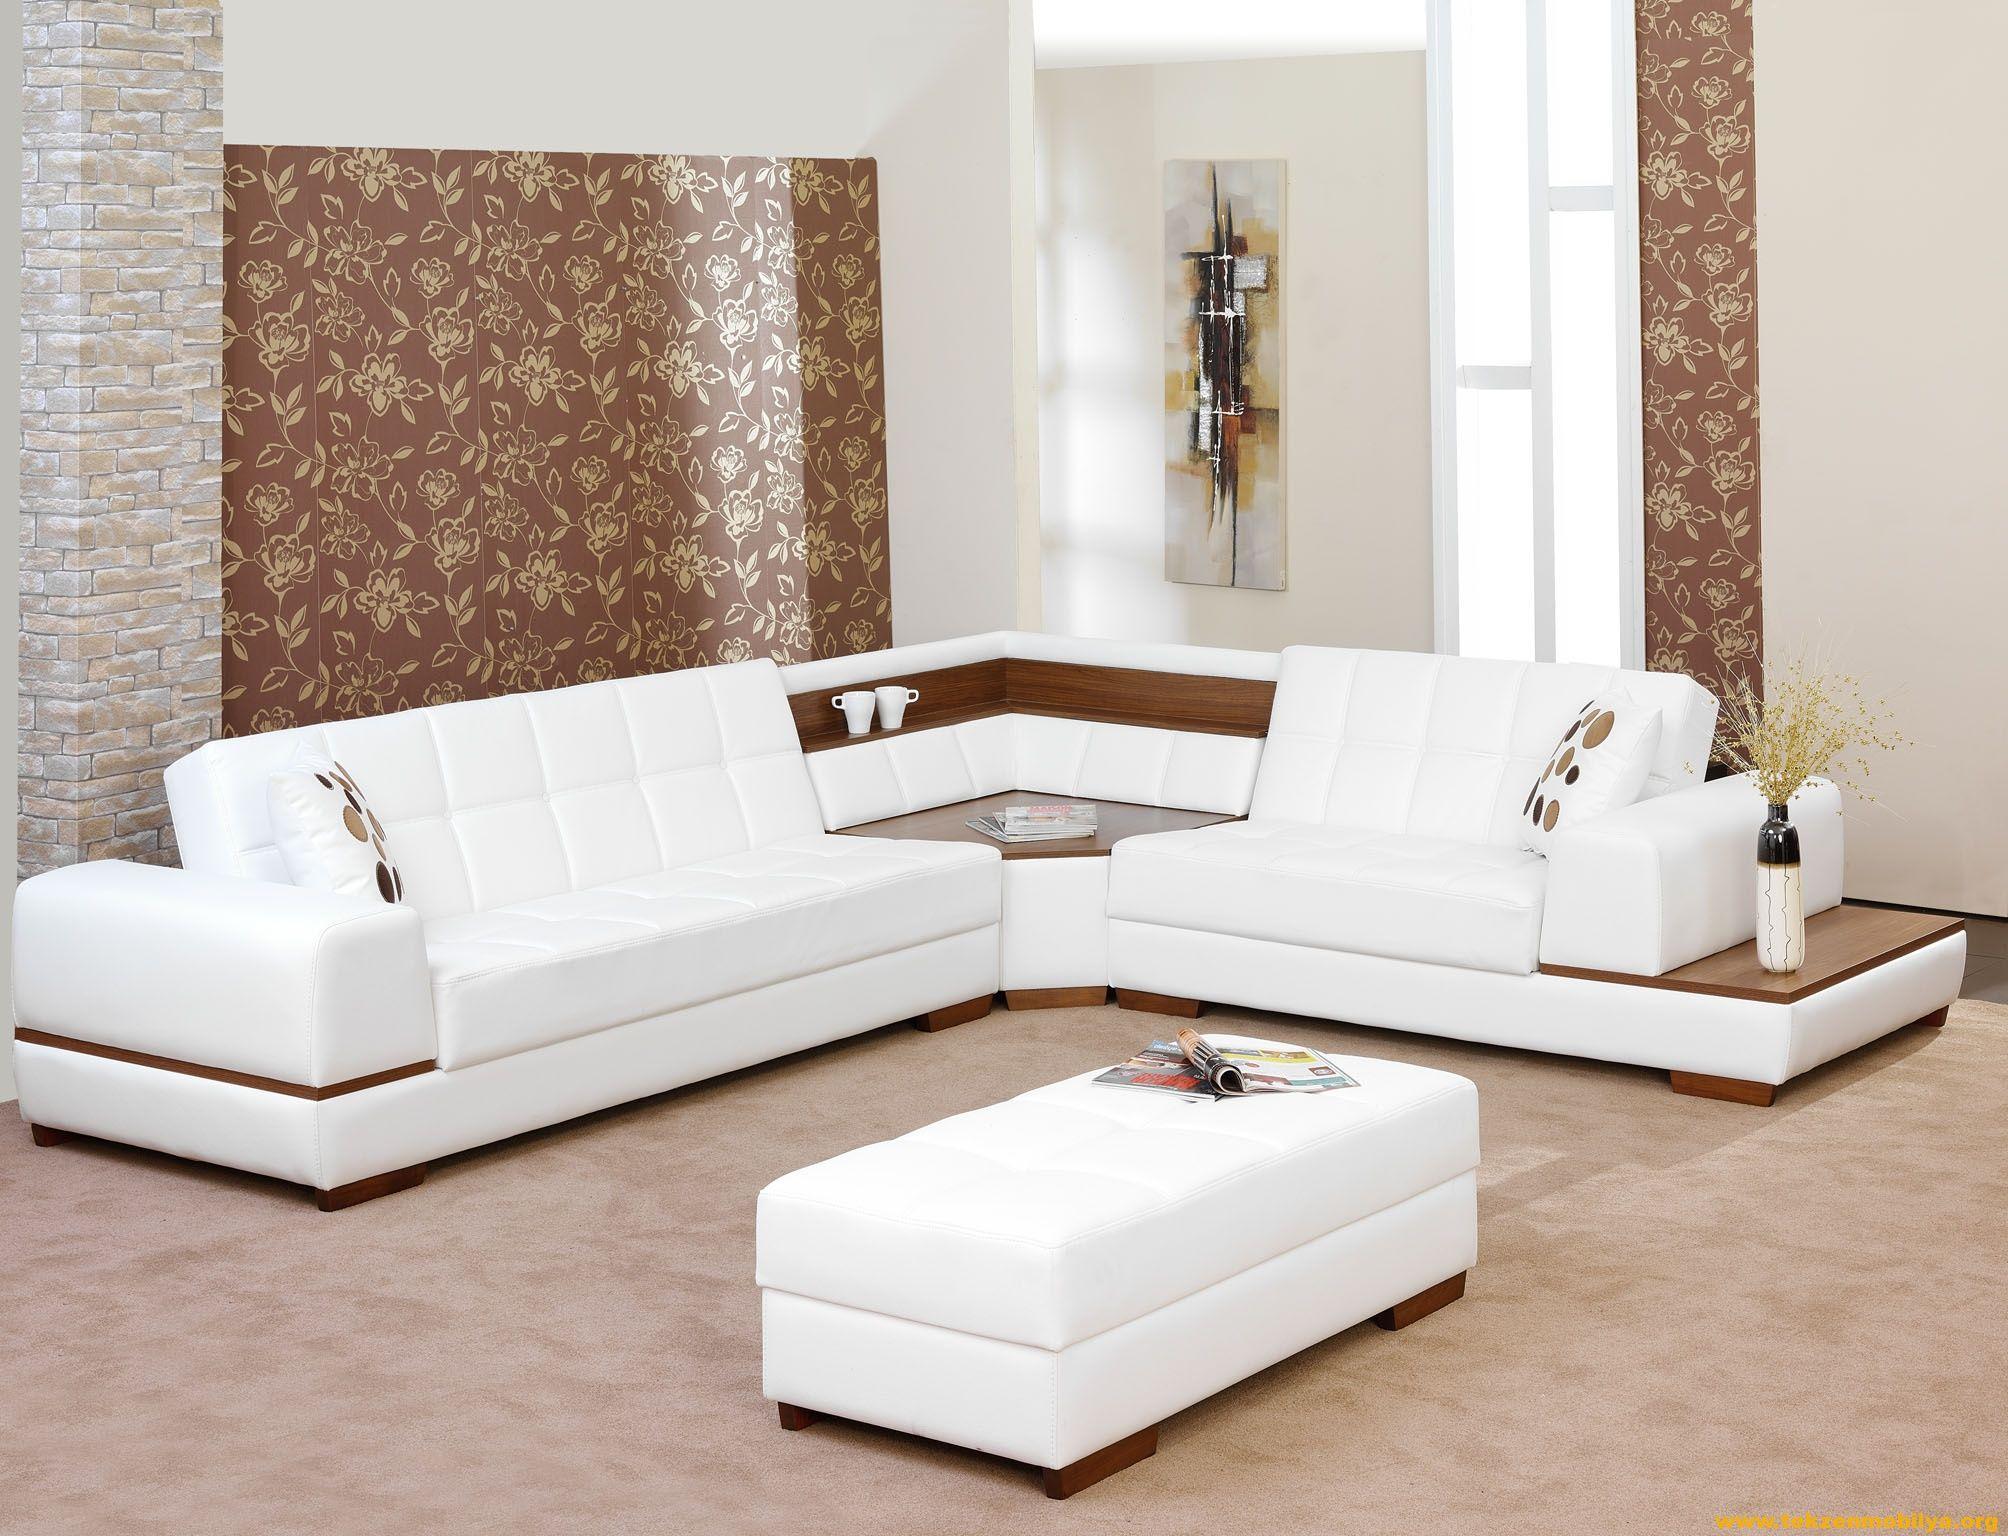 2016 Tekzen Kose Takimi Modelleri Oturma Odasi Dekorasyonu Oturma Odasi Fikirleri Mobilya